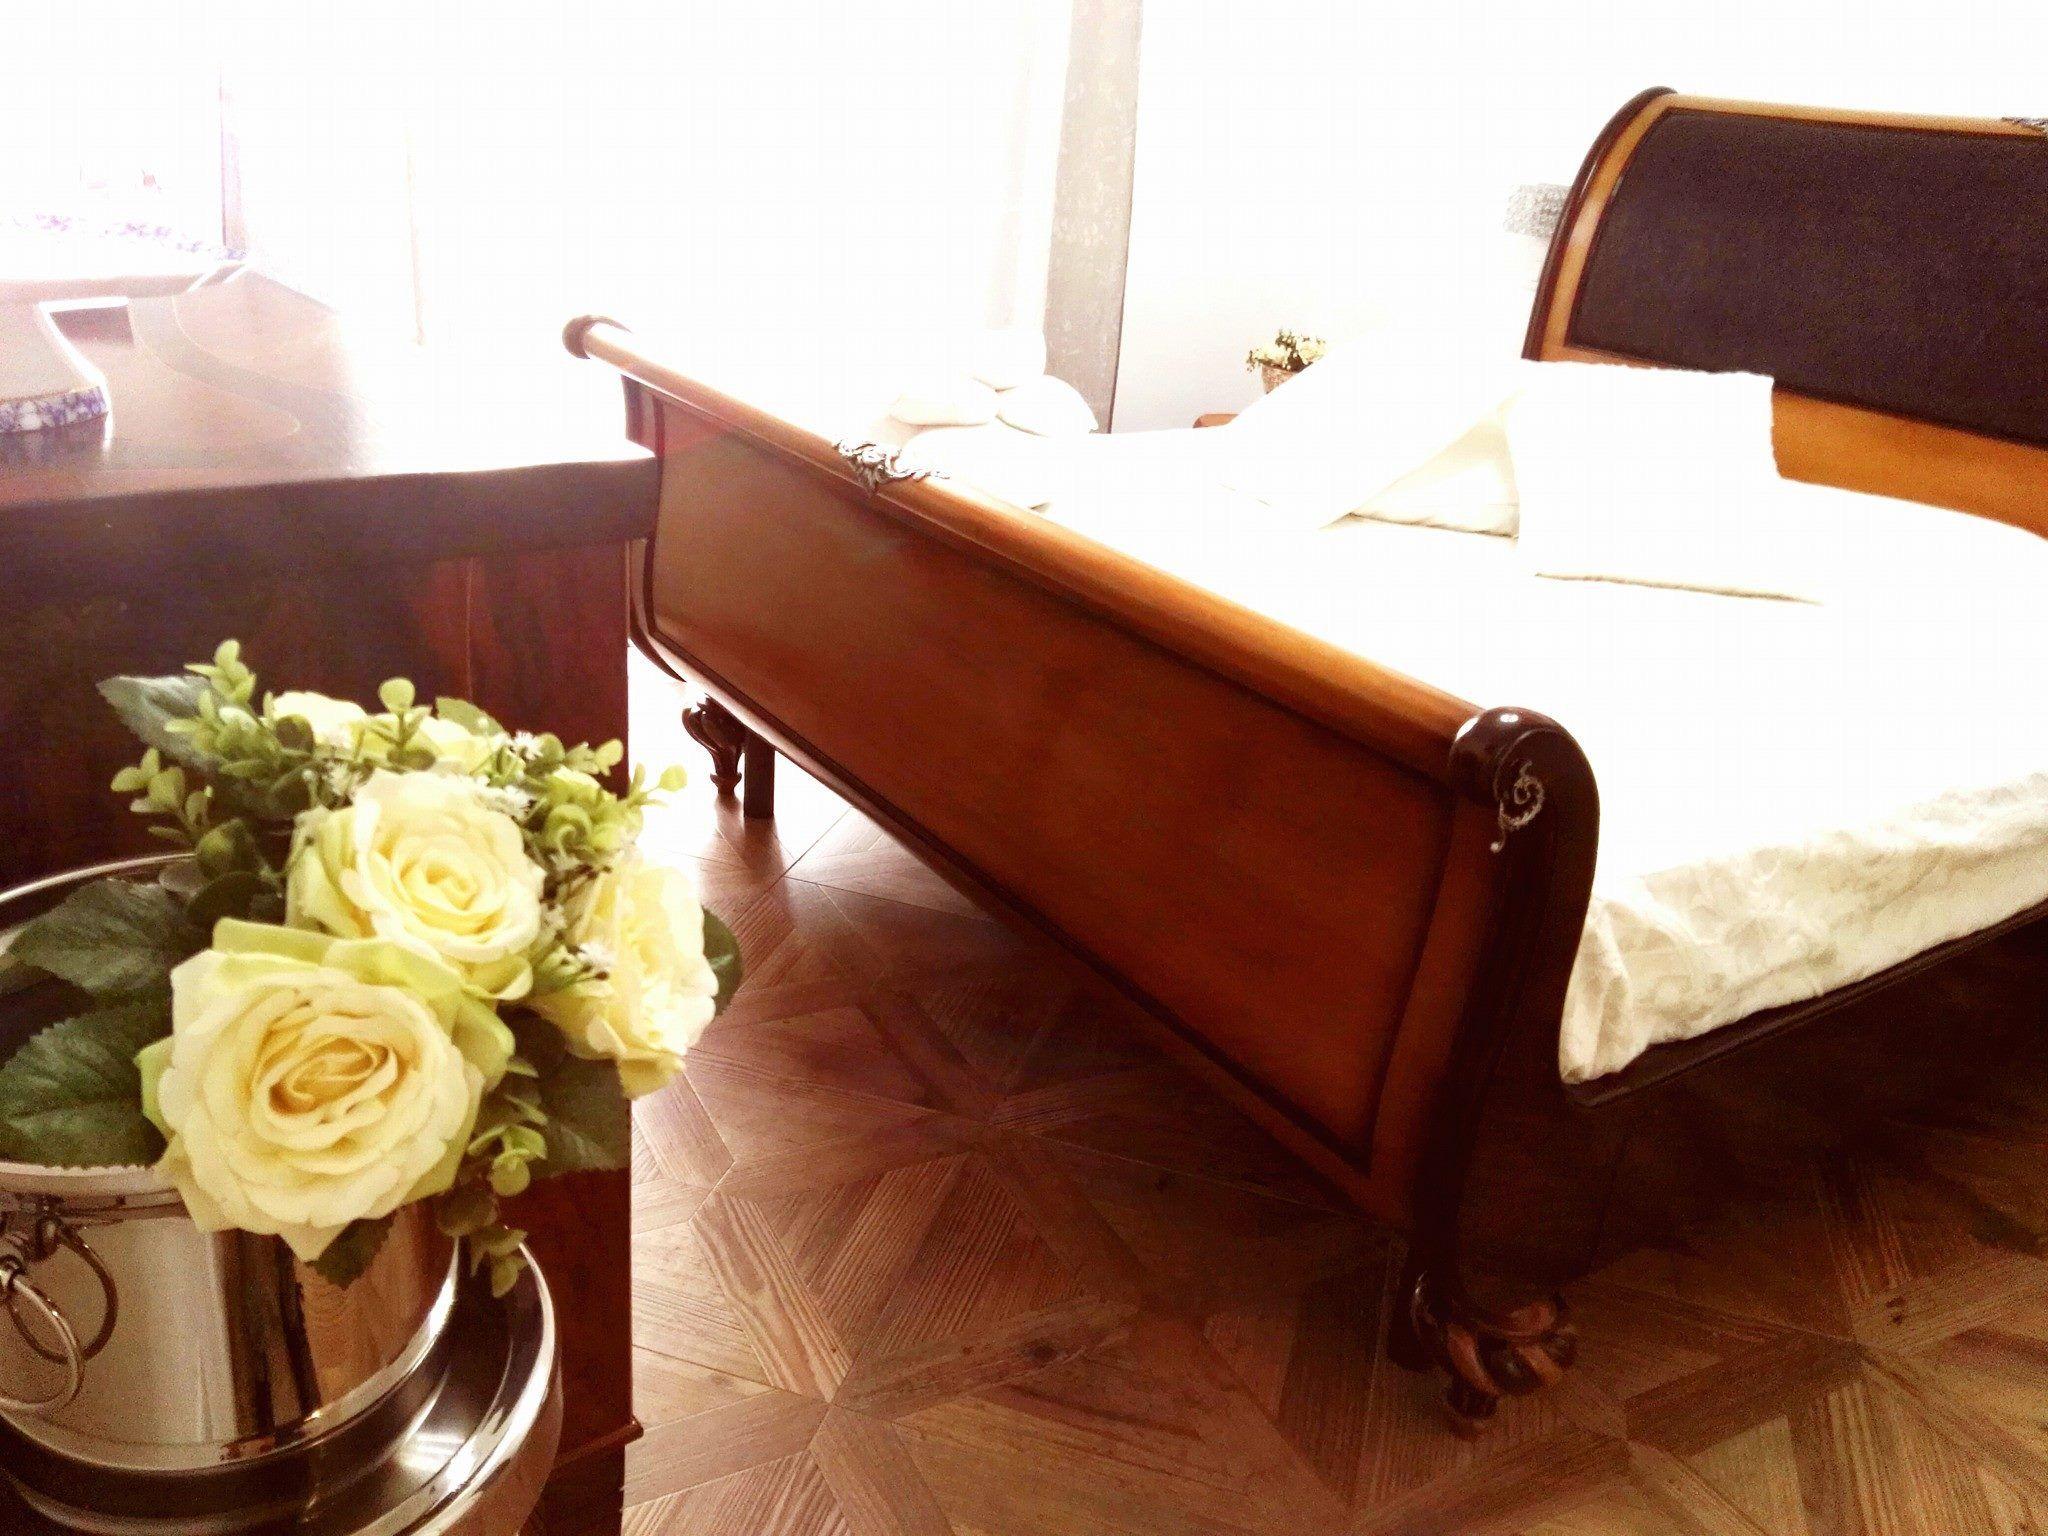 Ci Che Resta Di Tutti I Viaggi L Accoglienza Di Una Rosa  # Ruffino Muebles & Deco San Telmo